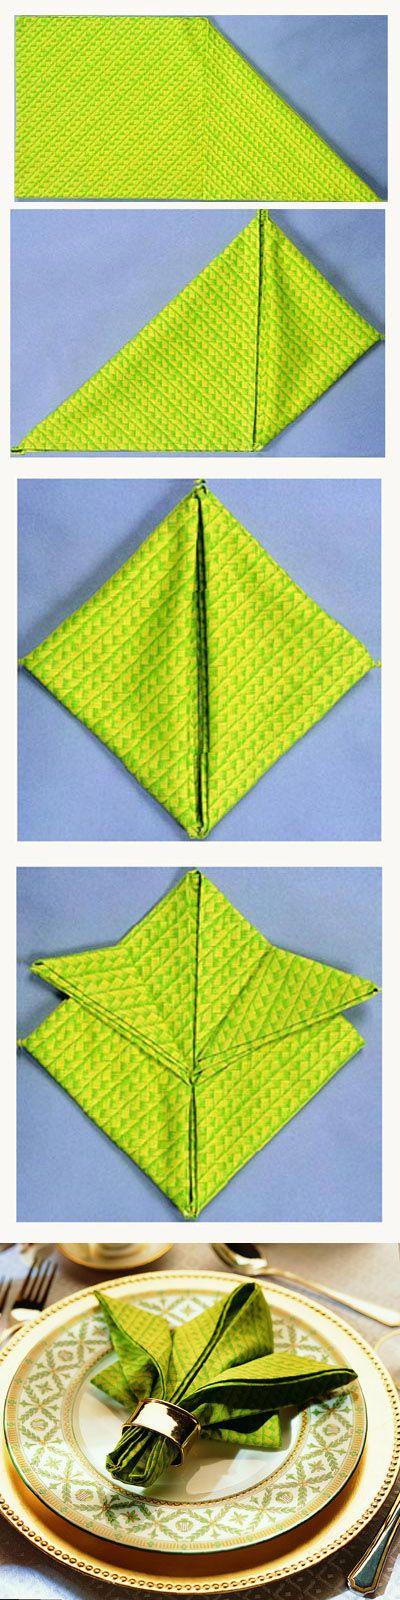 Doblar servilletas con forma de Flor de Lis